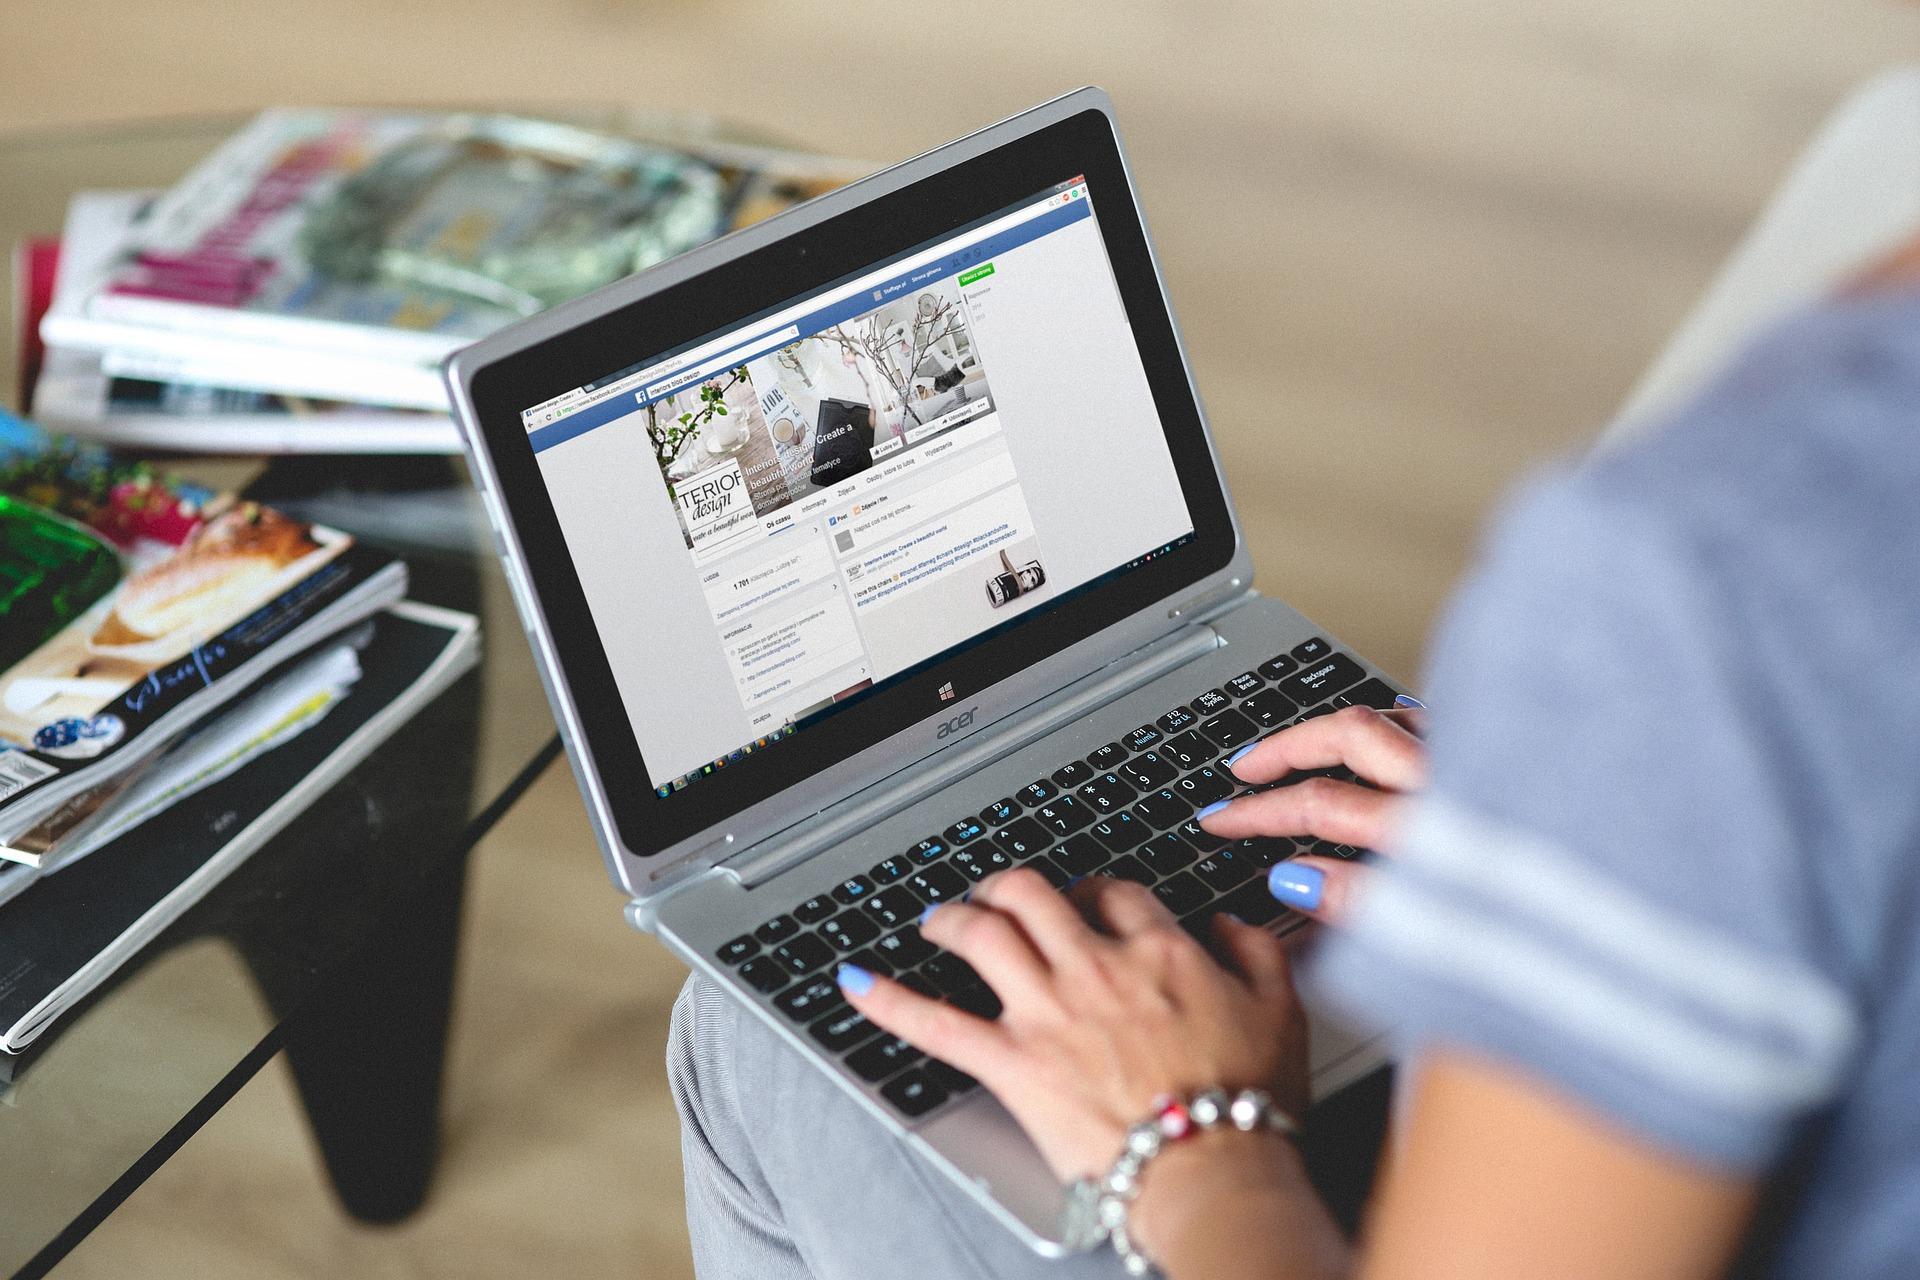 laptop-facebook.jpg